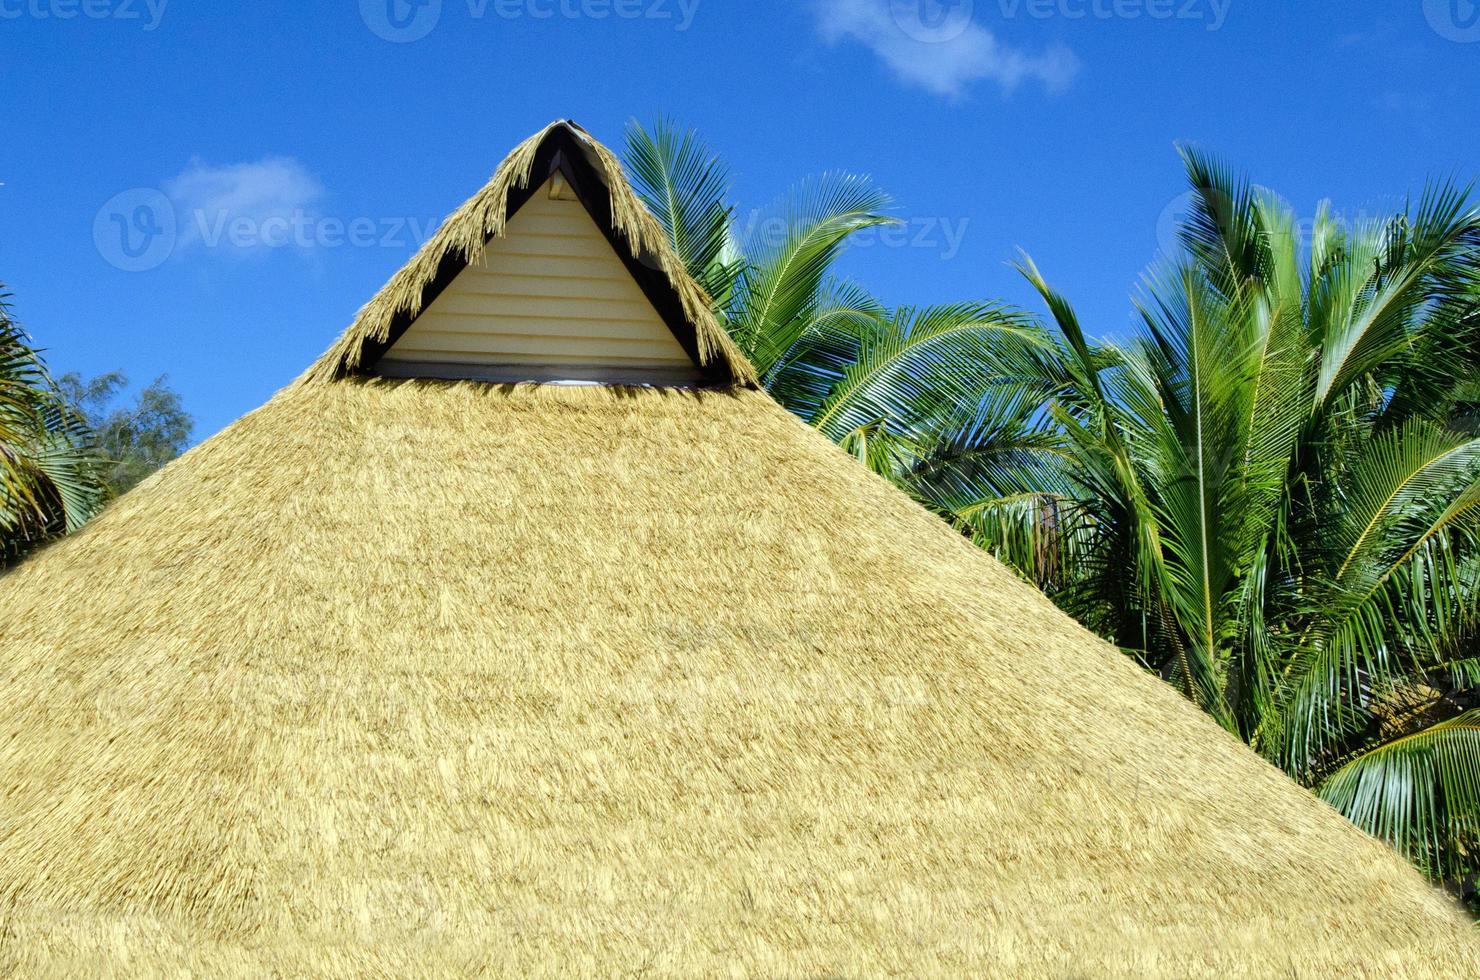 cabana da ilha do pacífico foto